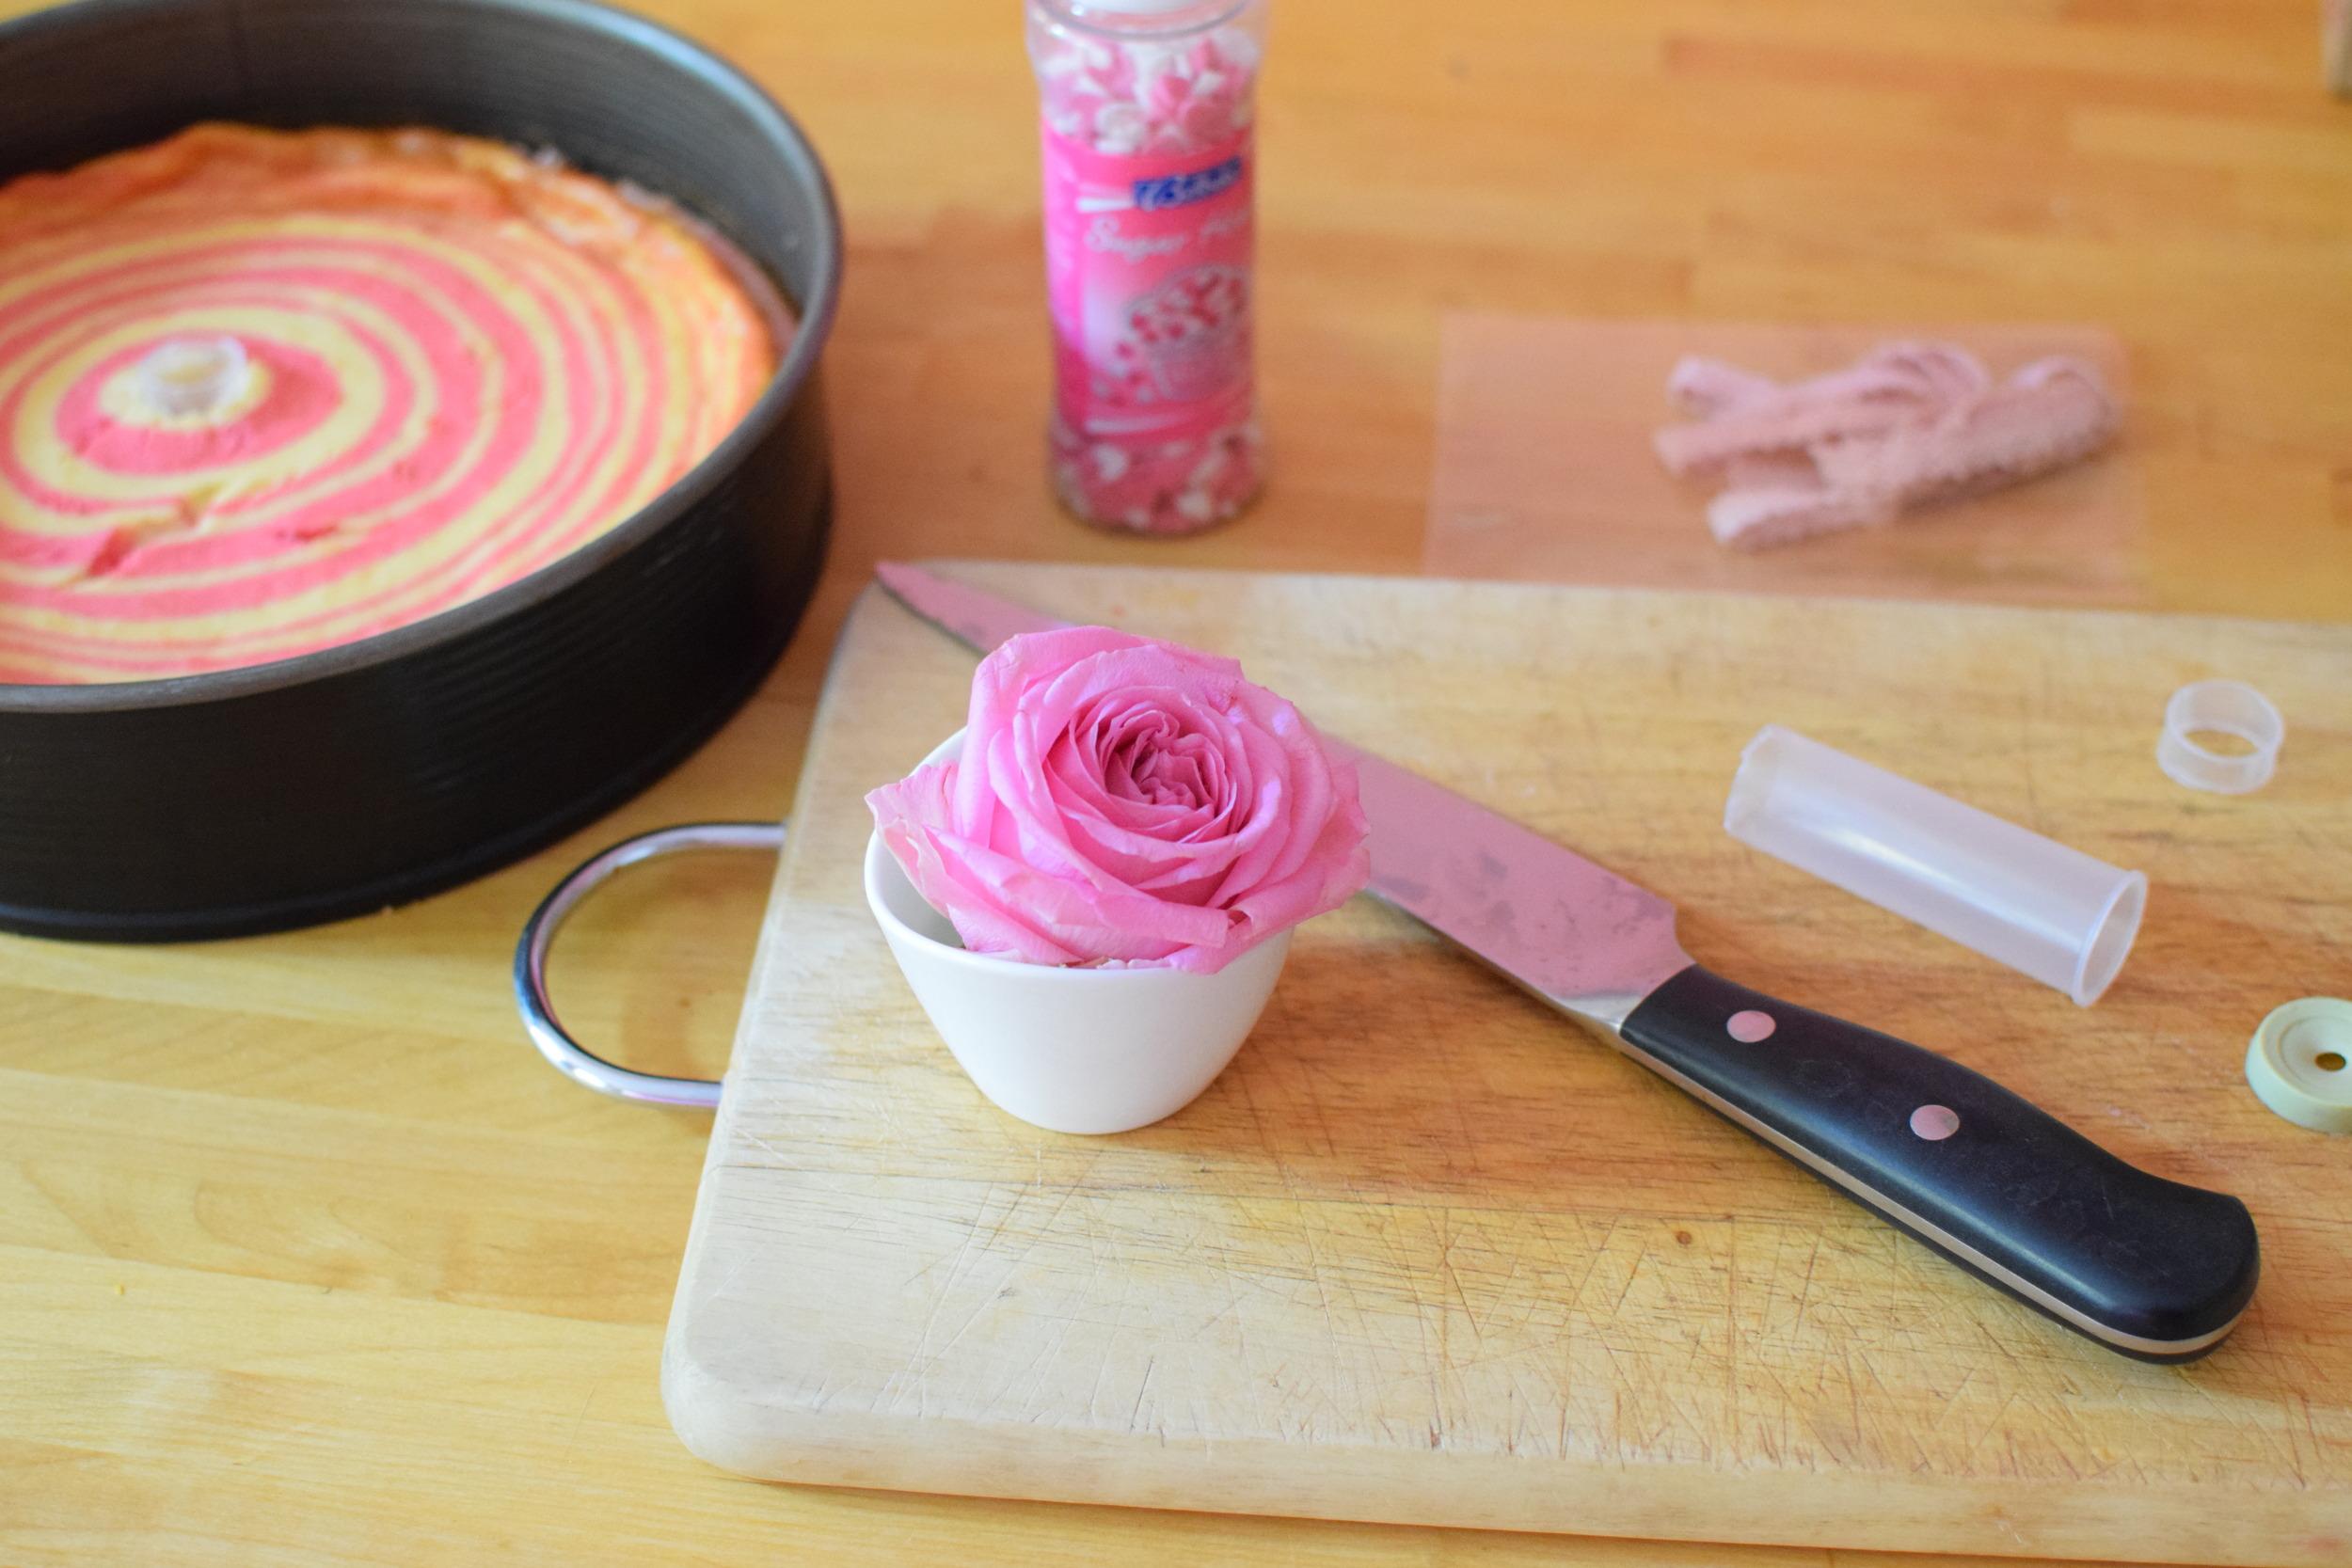 O tom, jak jsem se během pečení dala do úklidu a na dort zapomněla, proto popraskal, si povíme jindy... :)